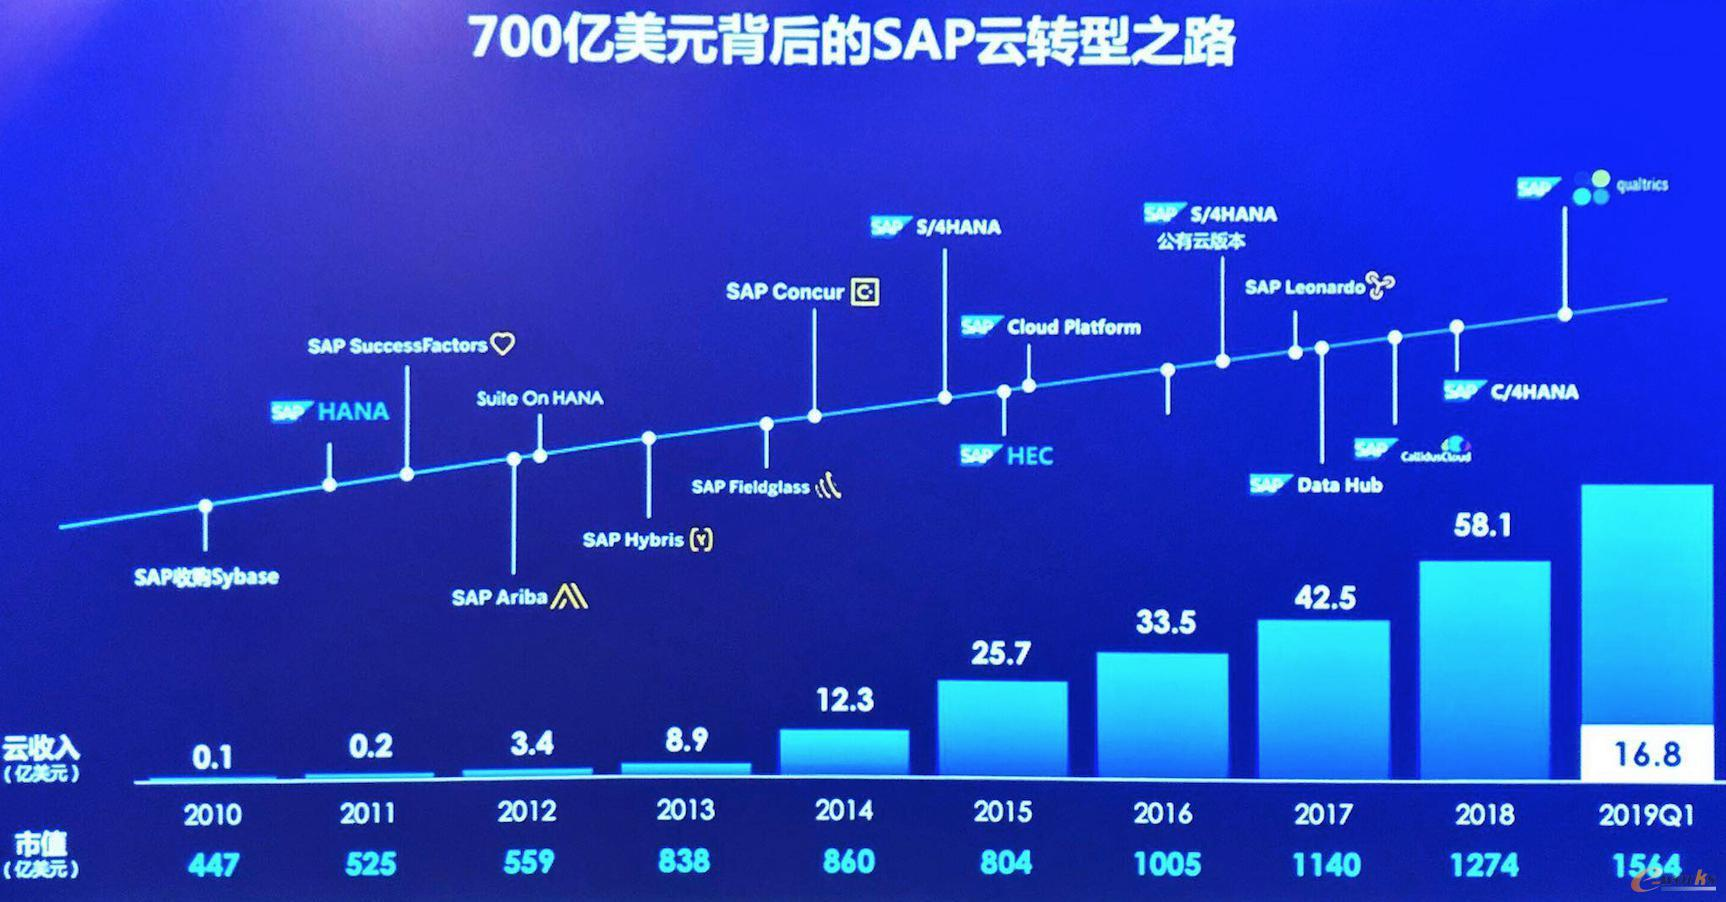 700亿美金背后的SAP云转型之路